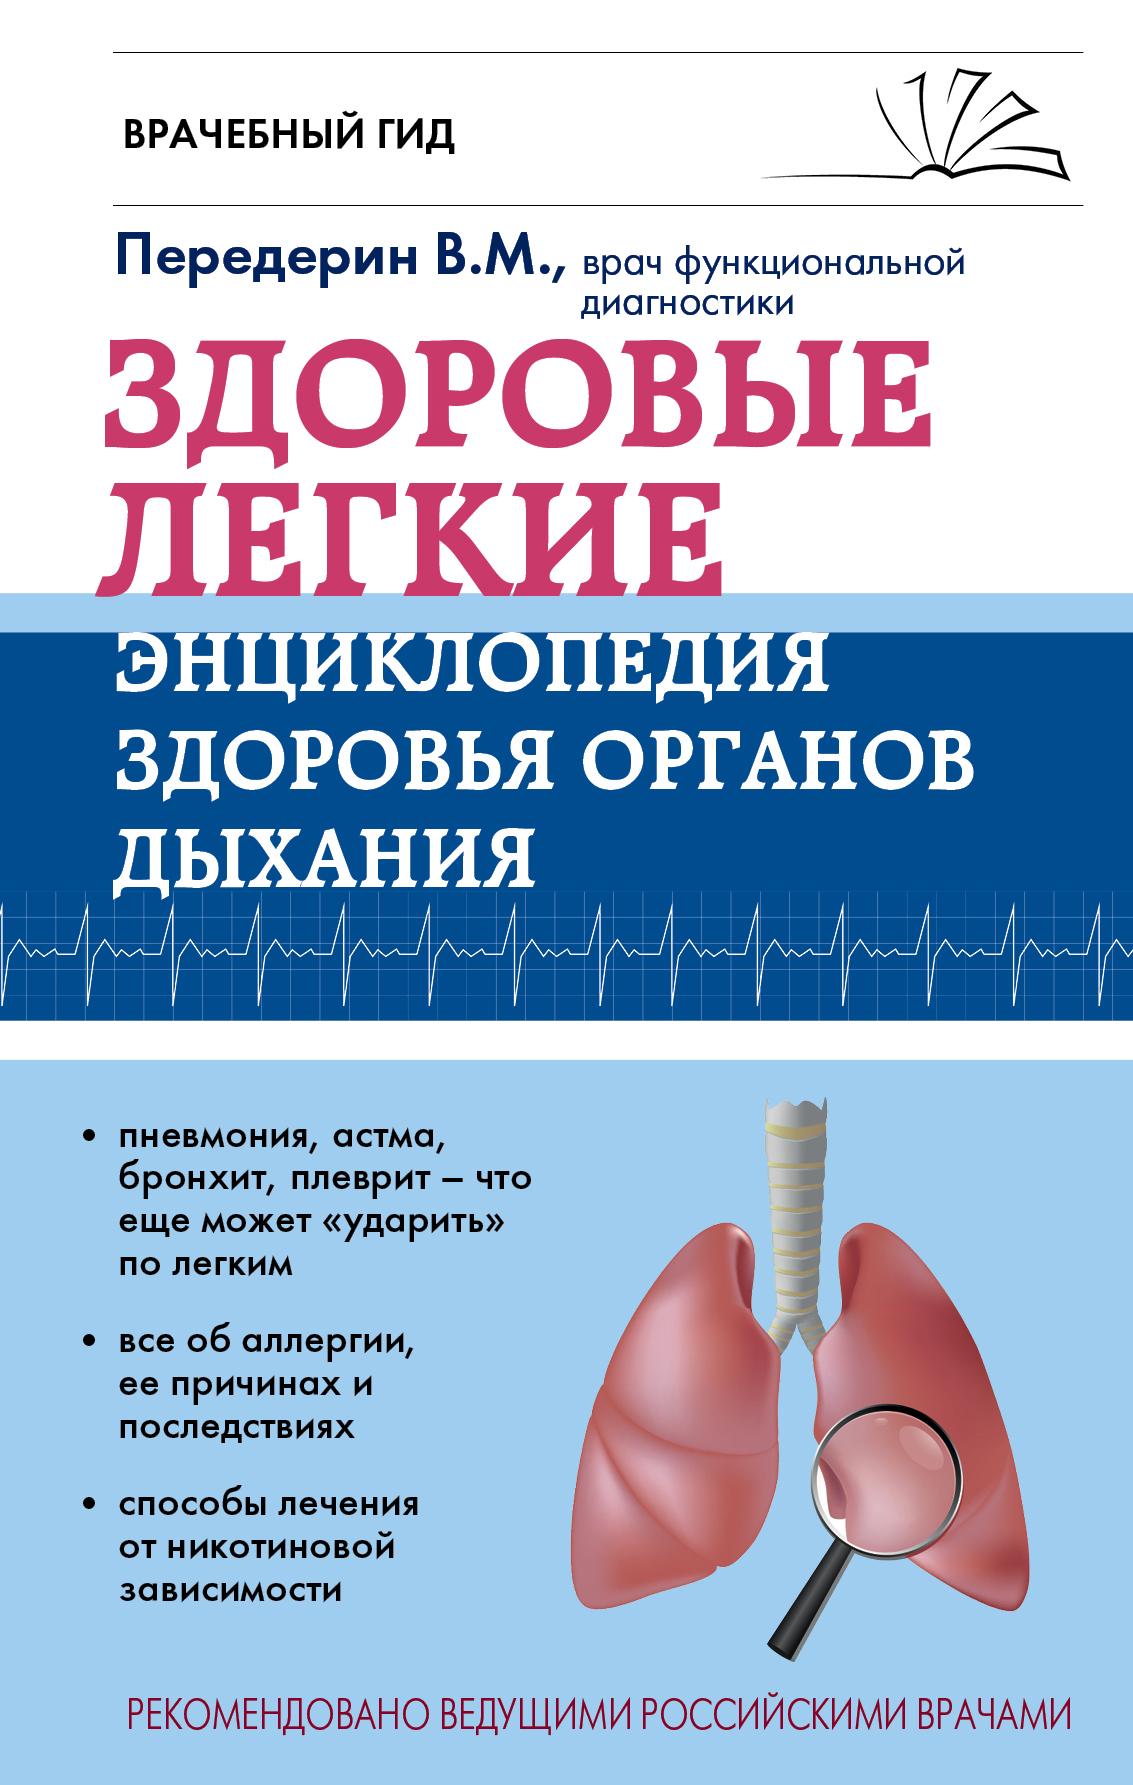 Причины, симптомы, диагностика, лечение трахеита и бронхита: отличия и сходство